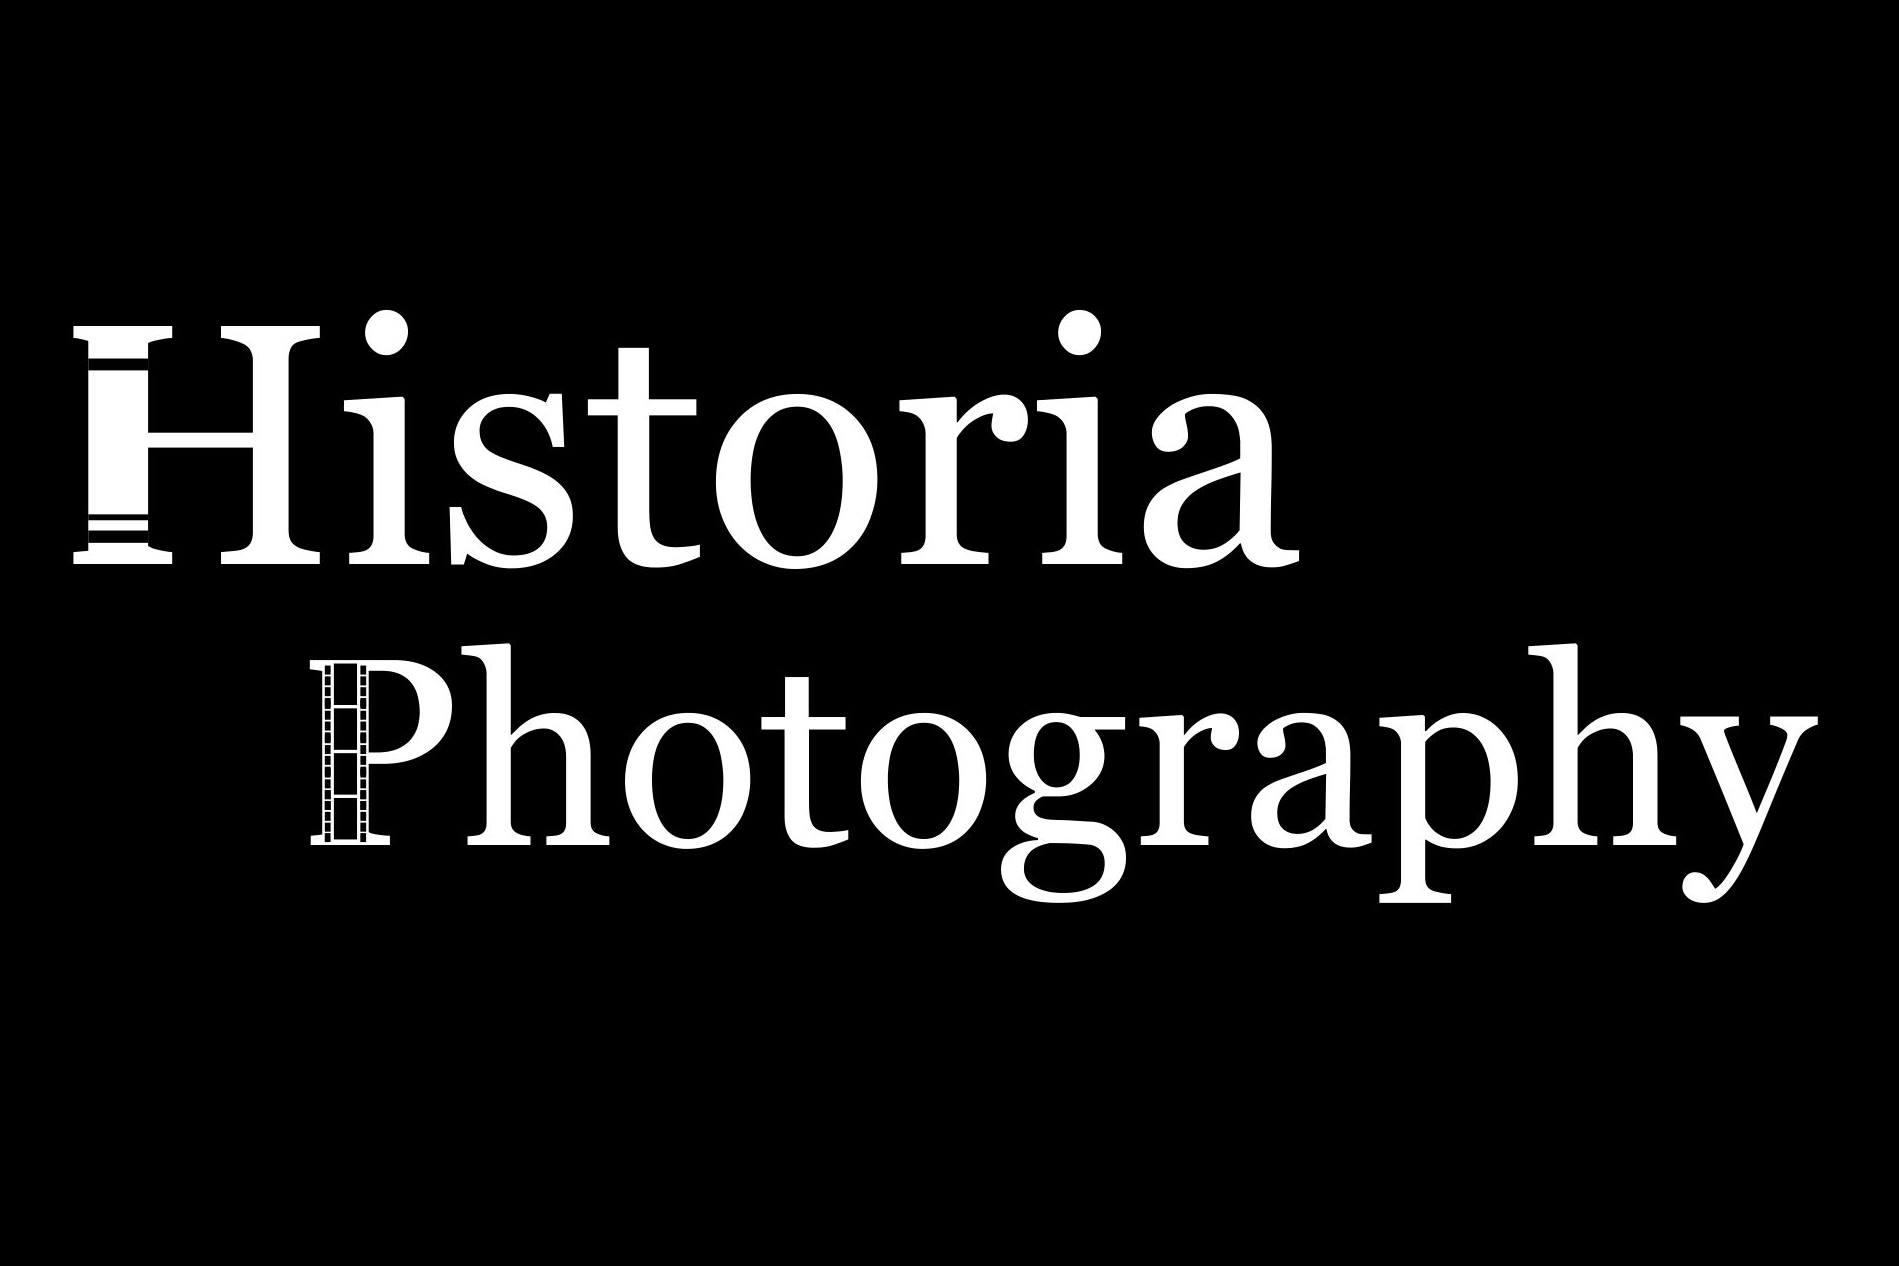 Historia Photos